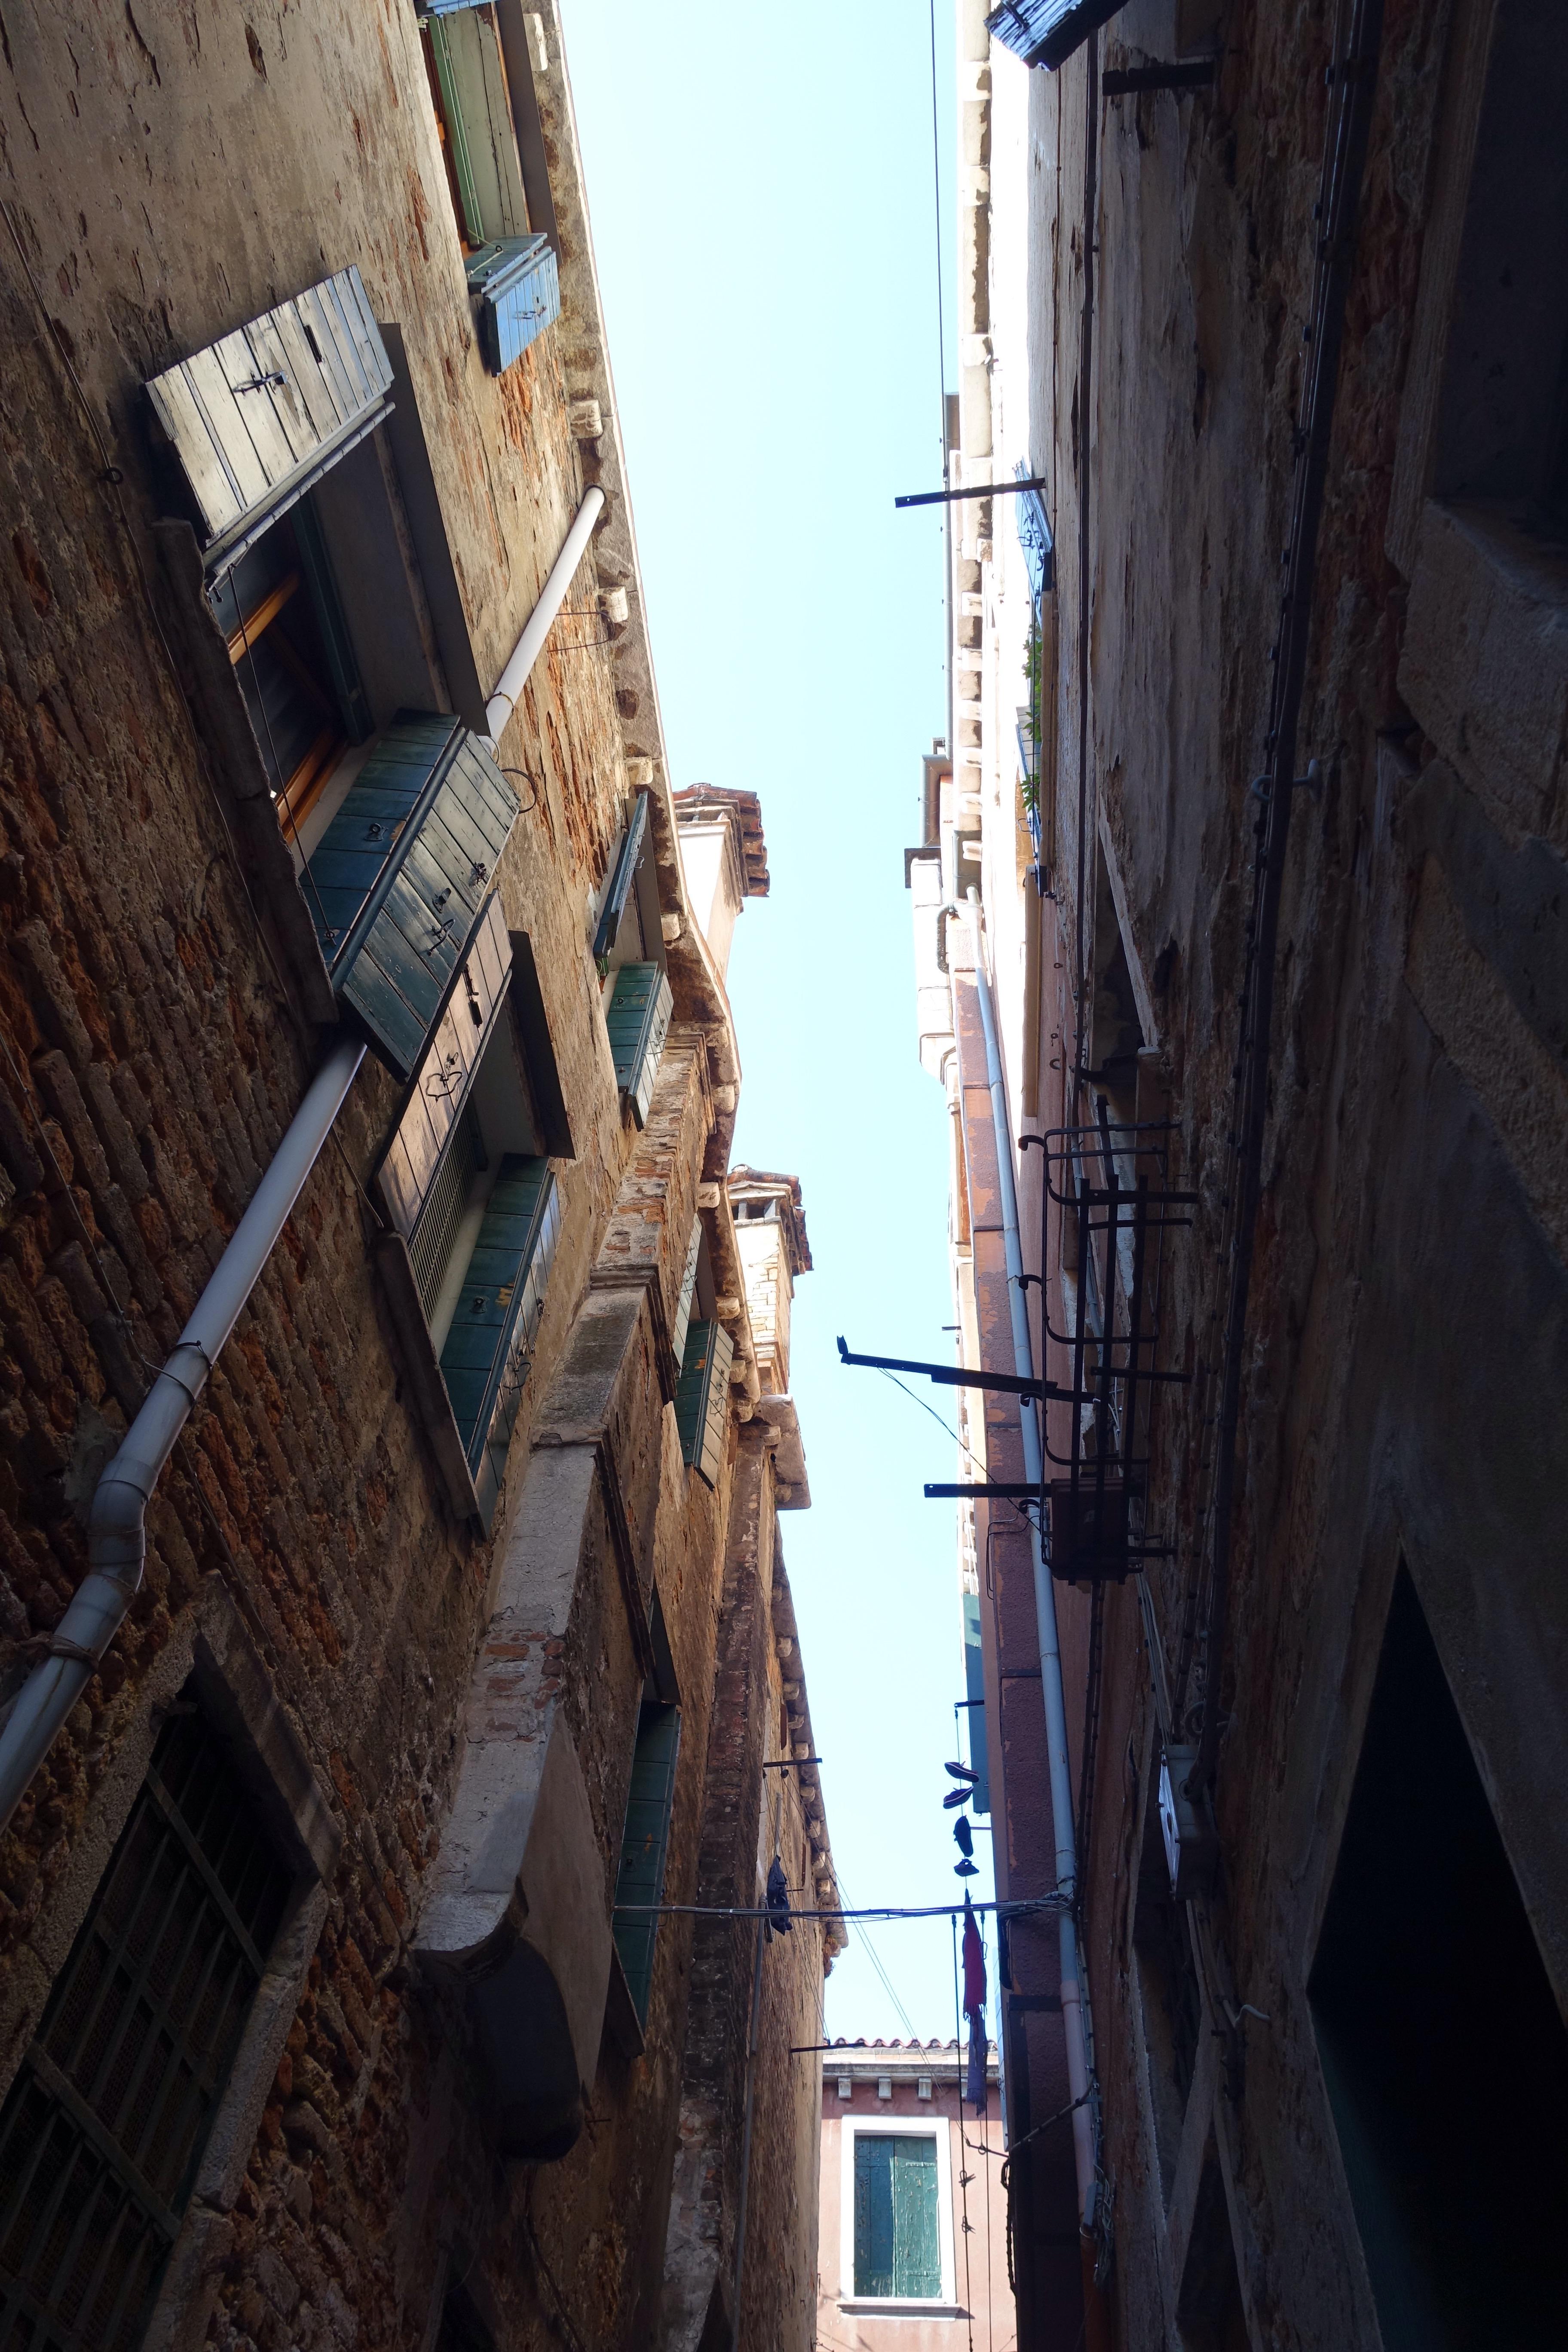 Narrow Venice street